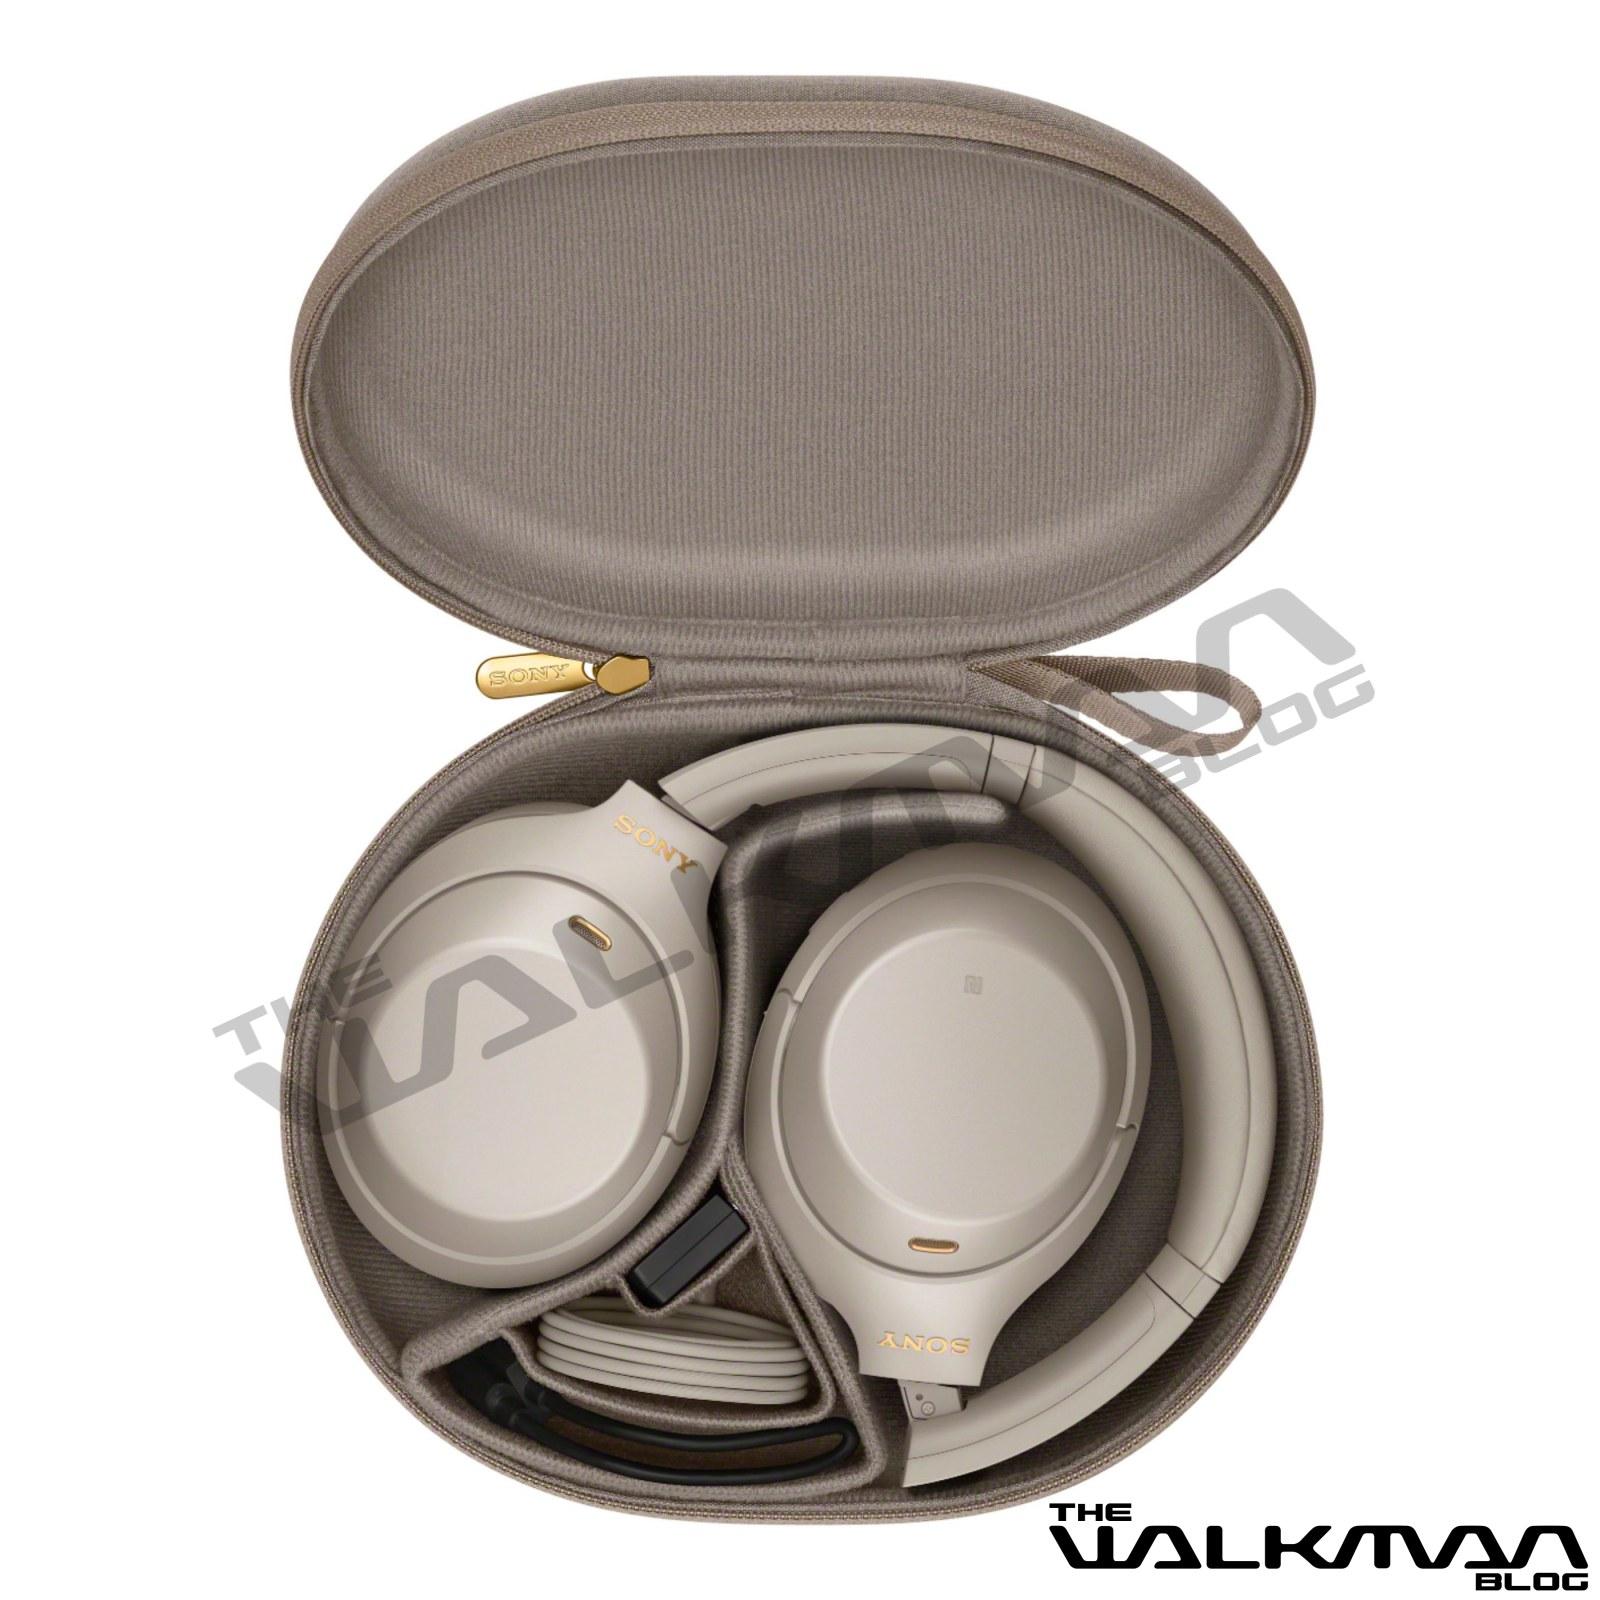 Szukasz dobrych słuchawek z ANC? Poczekaj, wkrótce premiera Sony WH-1000XM4 19